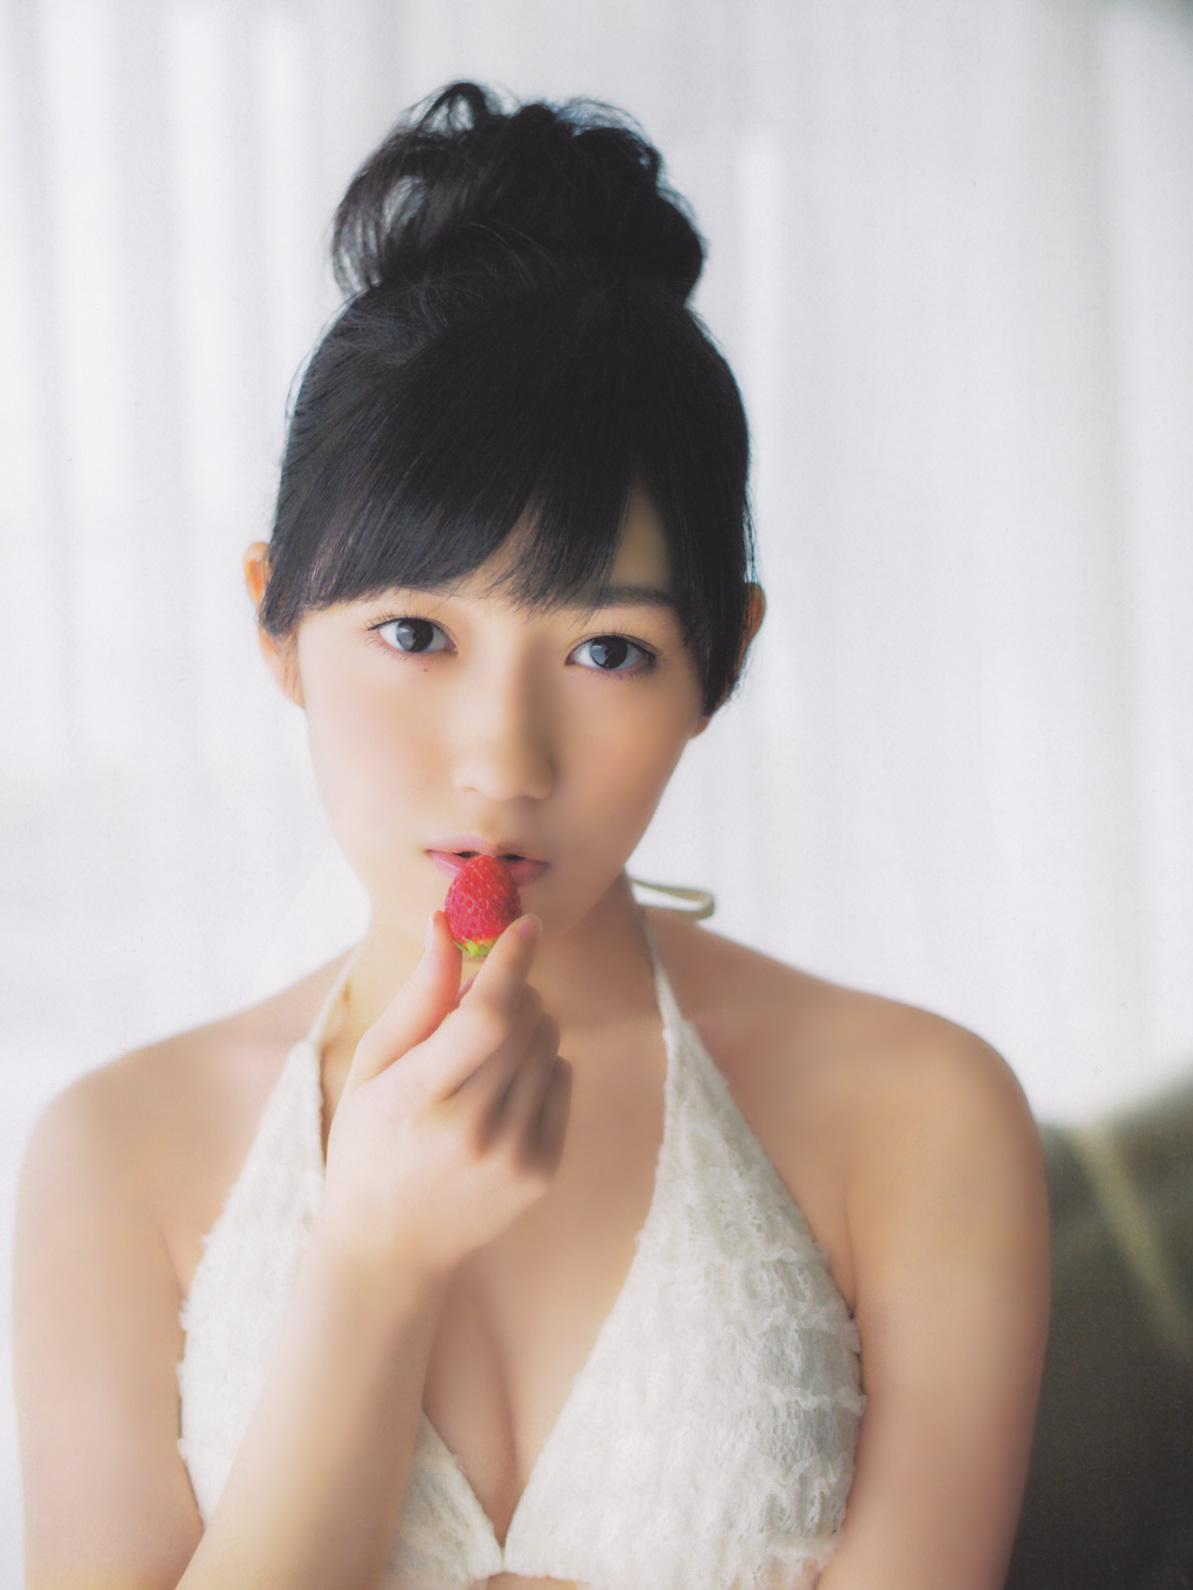 渡辺麻友 画像 35